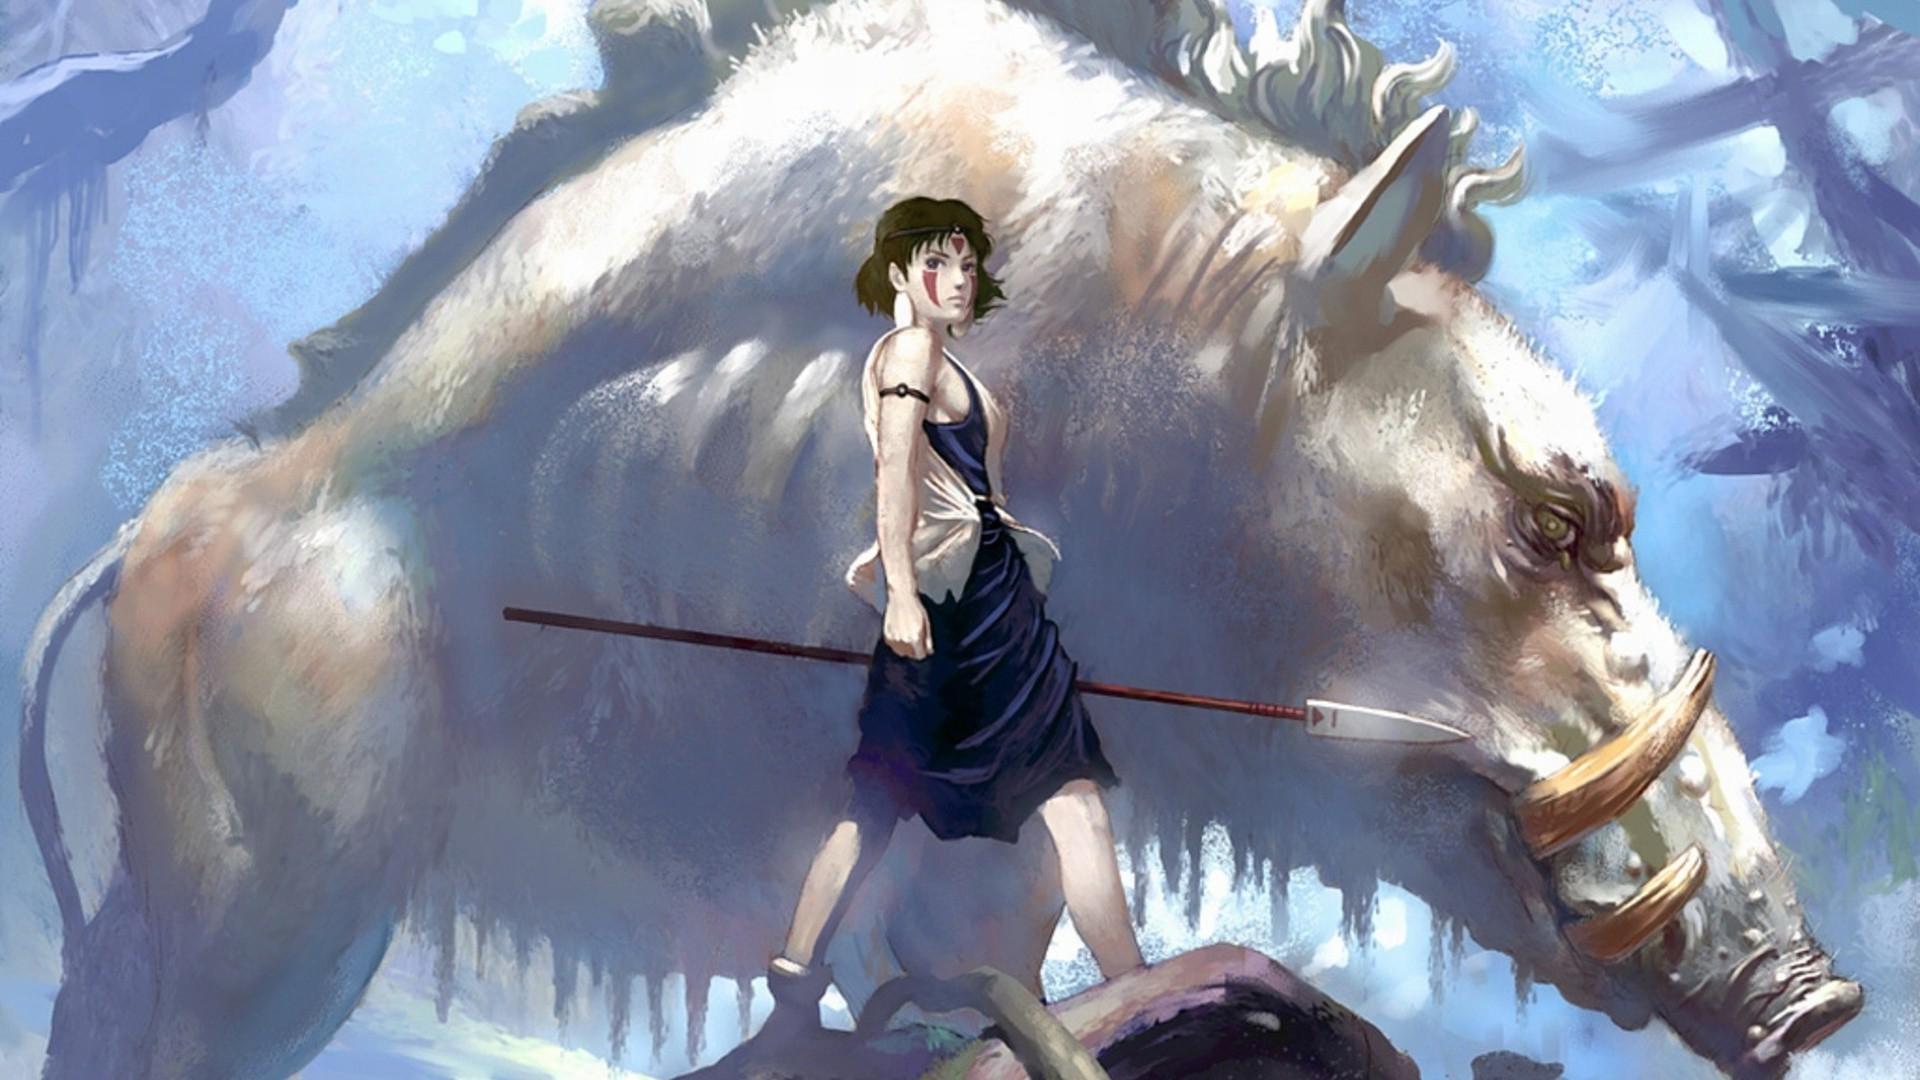 Studio Ghibli Anime Anime Girls Princess Mononoke Princesa Mononoke Wallpaper Hd 431692 Hd Wallpaper Backgrounds Download